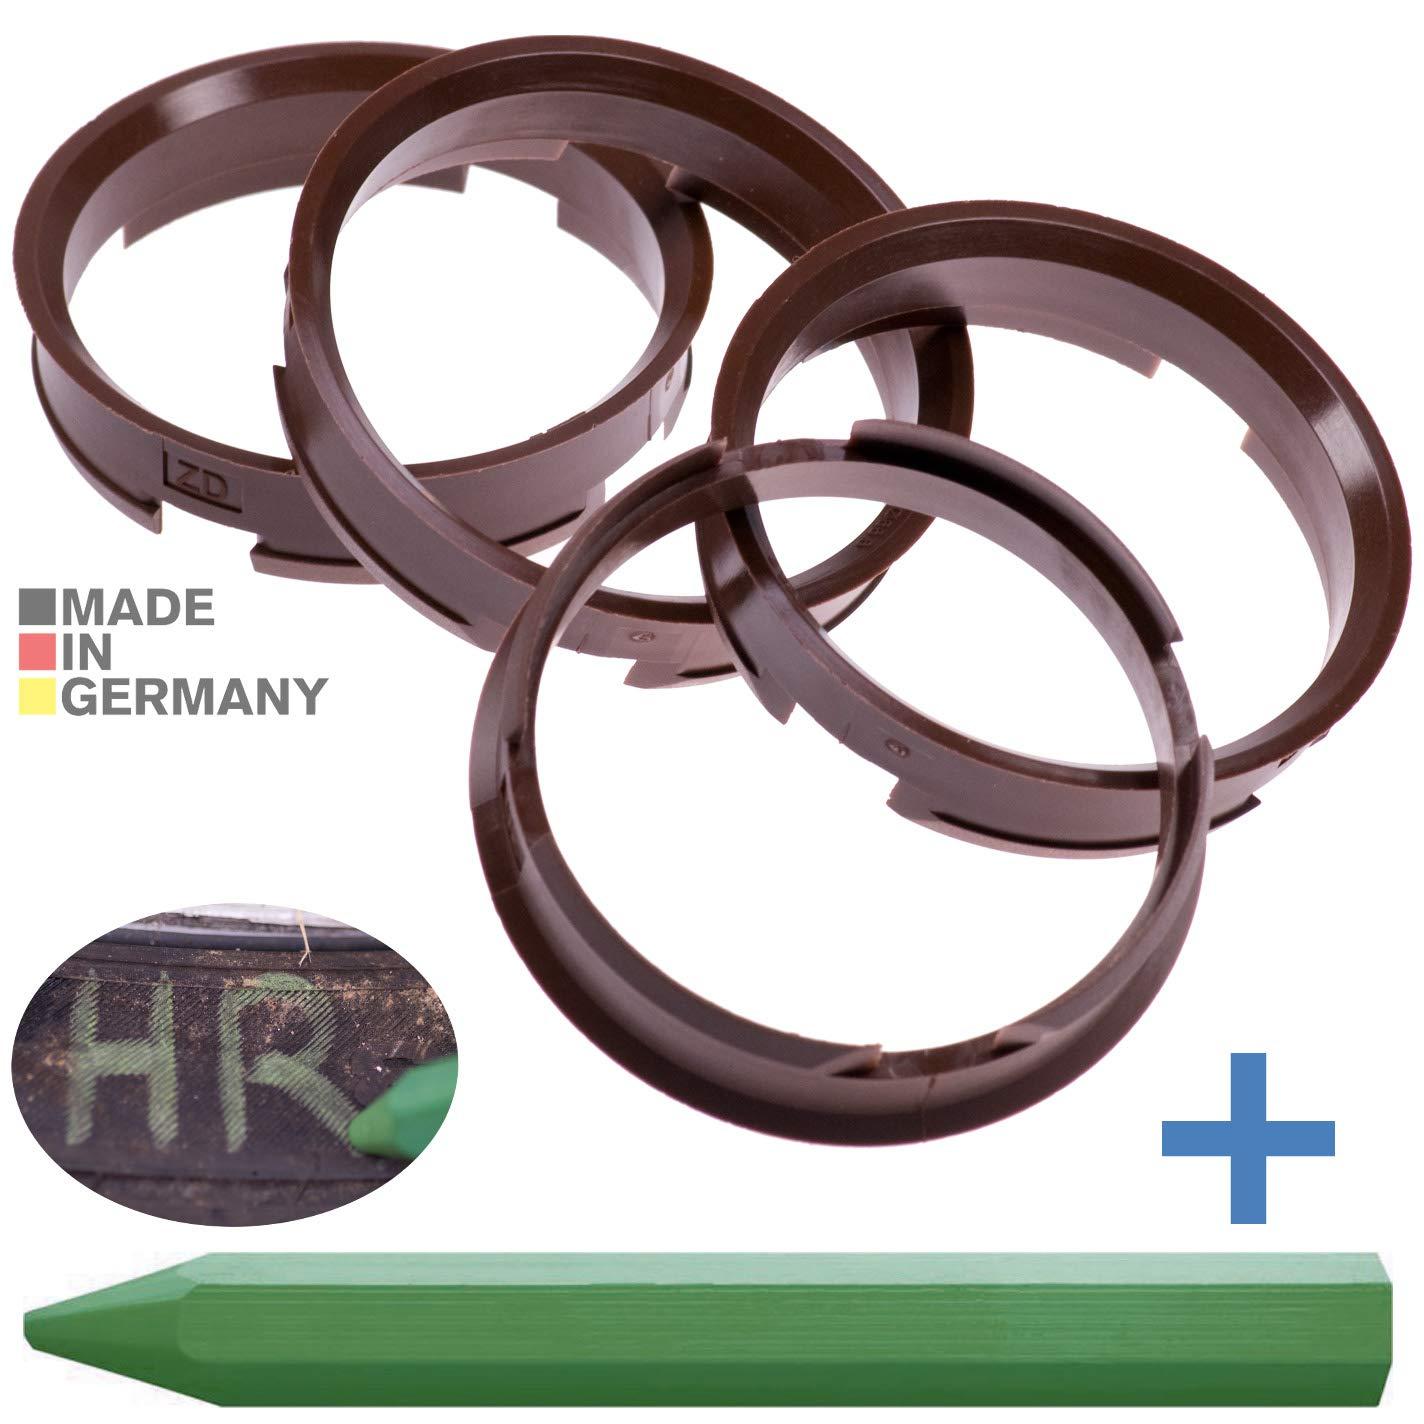 65,1 mm 4 x set anillas de centrado llantas de aluminio 66,6 mm